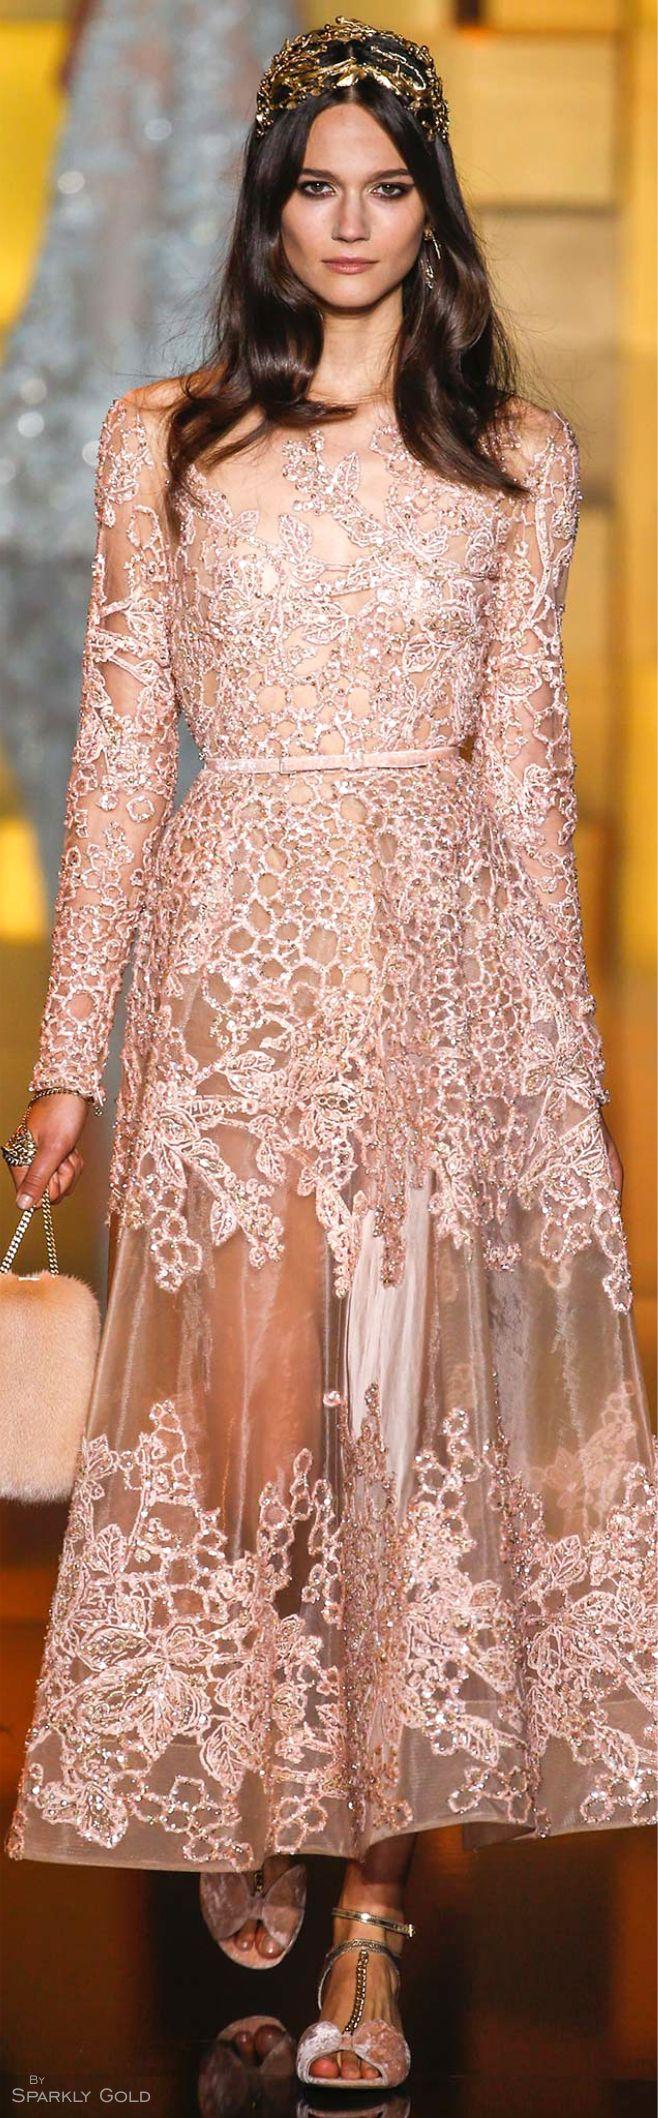 Moderno Vestido De Novia De Elie Saab Regalo - Colección del Vestido ...